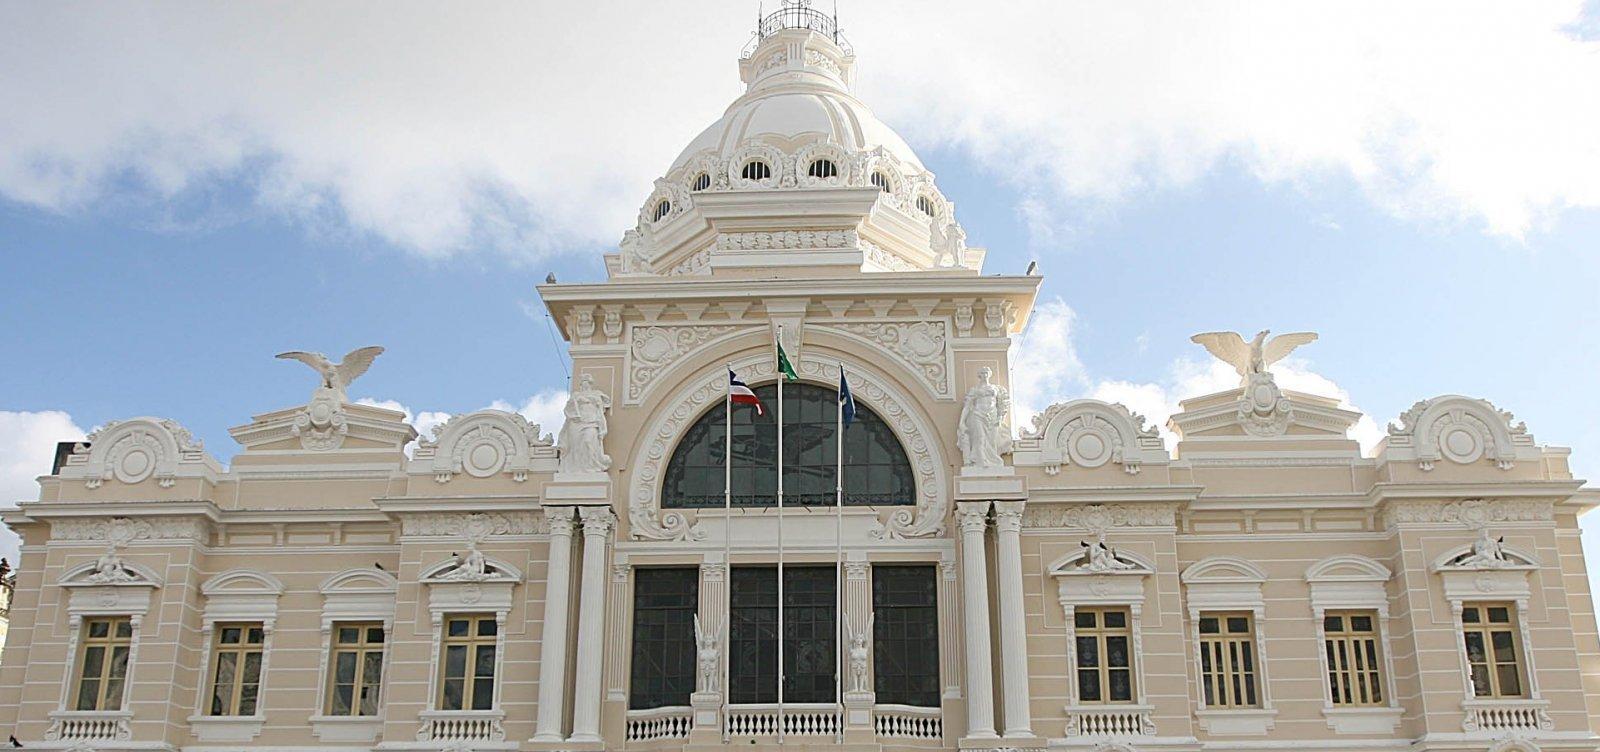 Em protesto, arquitetos dão 'abraço simbólico' no Palácio Rio Branco